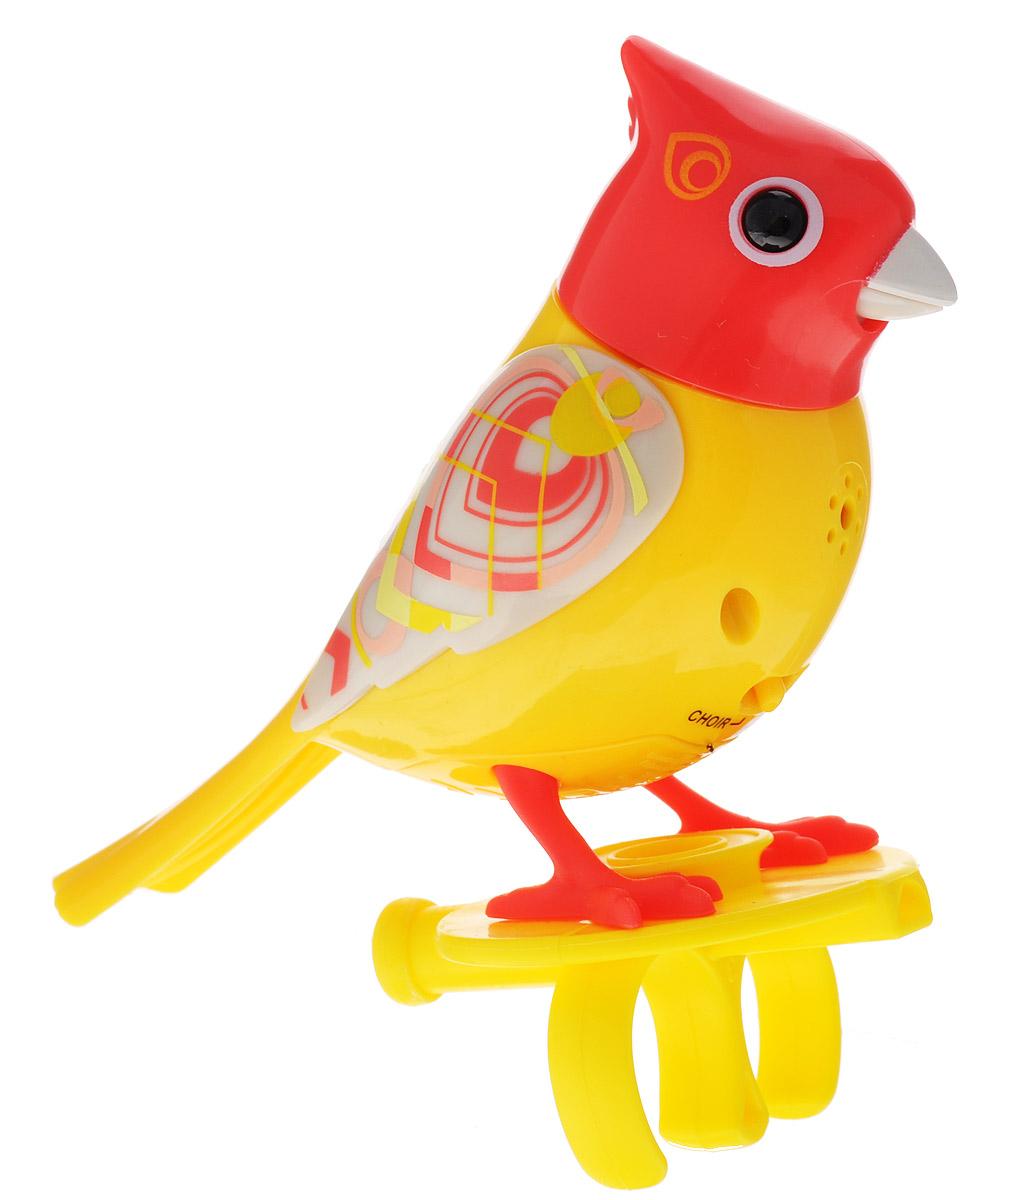 DigiFriends Интерактивная игрушка Птичка с кольцом цвет желтый оранжевый серый88286_желтый,оранжевый,серыйУ вас есть шанс получить уникального домашнего питомца - поющую птичку. Не каждый может похвастаться этим. Эта умная птичка интерактивная, она будет развлекать вас различными мелодиями, пением и ритмичными движениями. Для активизации птички необходимо подуть на нее. Чтобы активировать режим проигрывания мелодий достаточно посвистеть в свисток, который имеется в комплекте. Игрушка издает 55 вариантов мелодий и звуков. Кольцо-свисток может служить как переносной насест для птички. Ребенок может надеть кольцо на два пальца, закрепить там игрушку и свободно играть или даже бегать. Птичка DigiFriends устойчива на любой ровной поверхности. Игрушка может поворачивать голову и шевелить клювом в такт мелодии. Игрушка работает в двух режимах: соло и хор. Можно синхронизировать неограниченное количество птичек или других персонажей DigiFriends. Главным в хоре становится персонаж, которого первого включили. Необходимо размещать DigiFriends на расстоянии не более 15 см от главной...